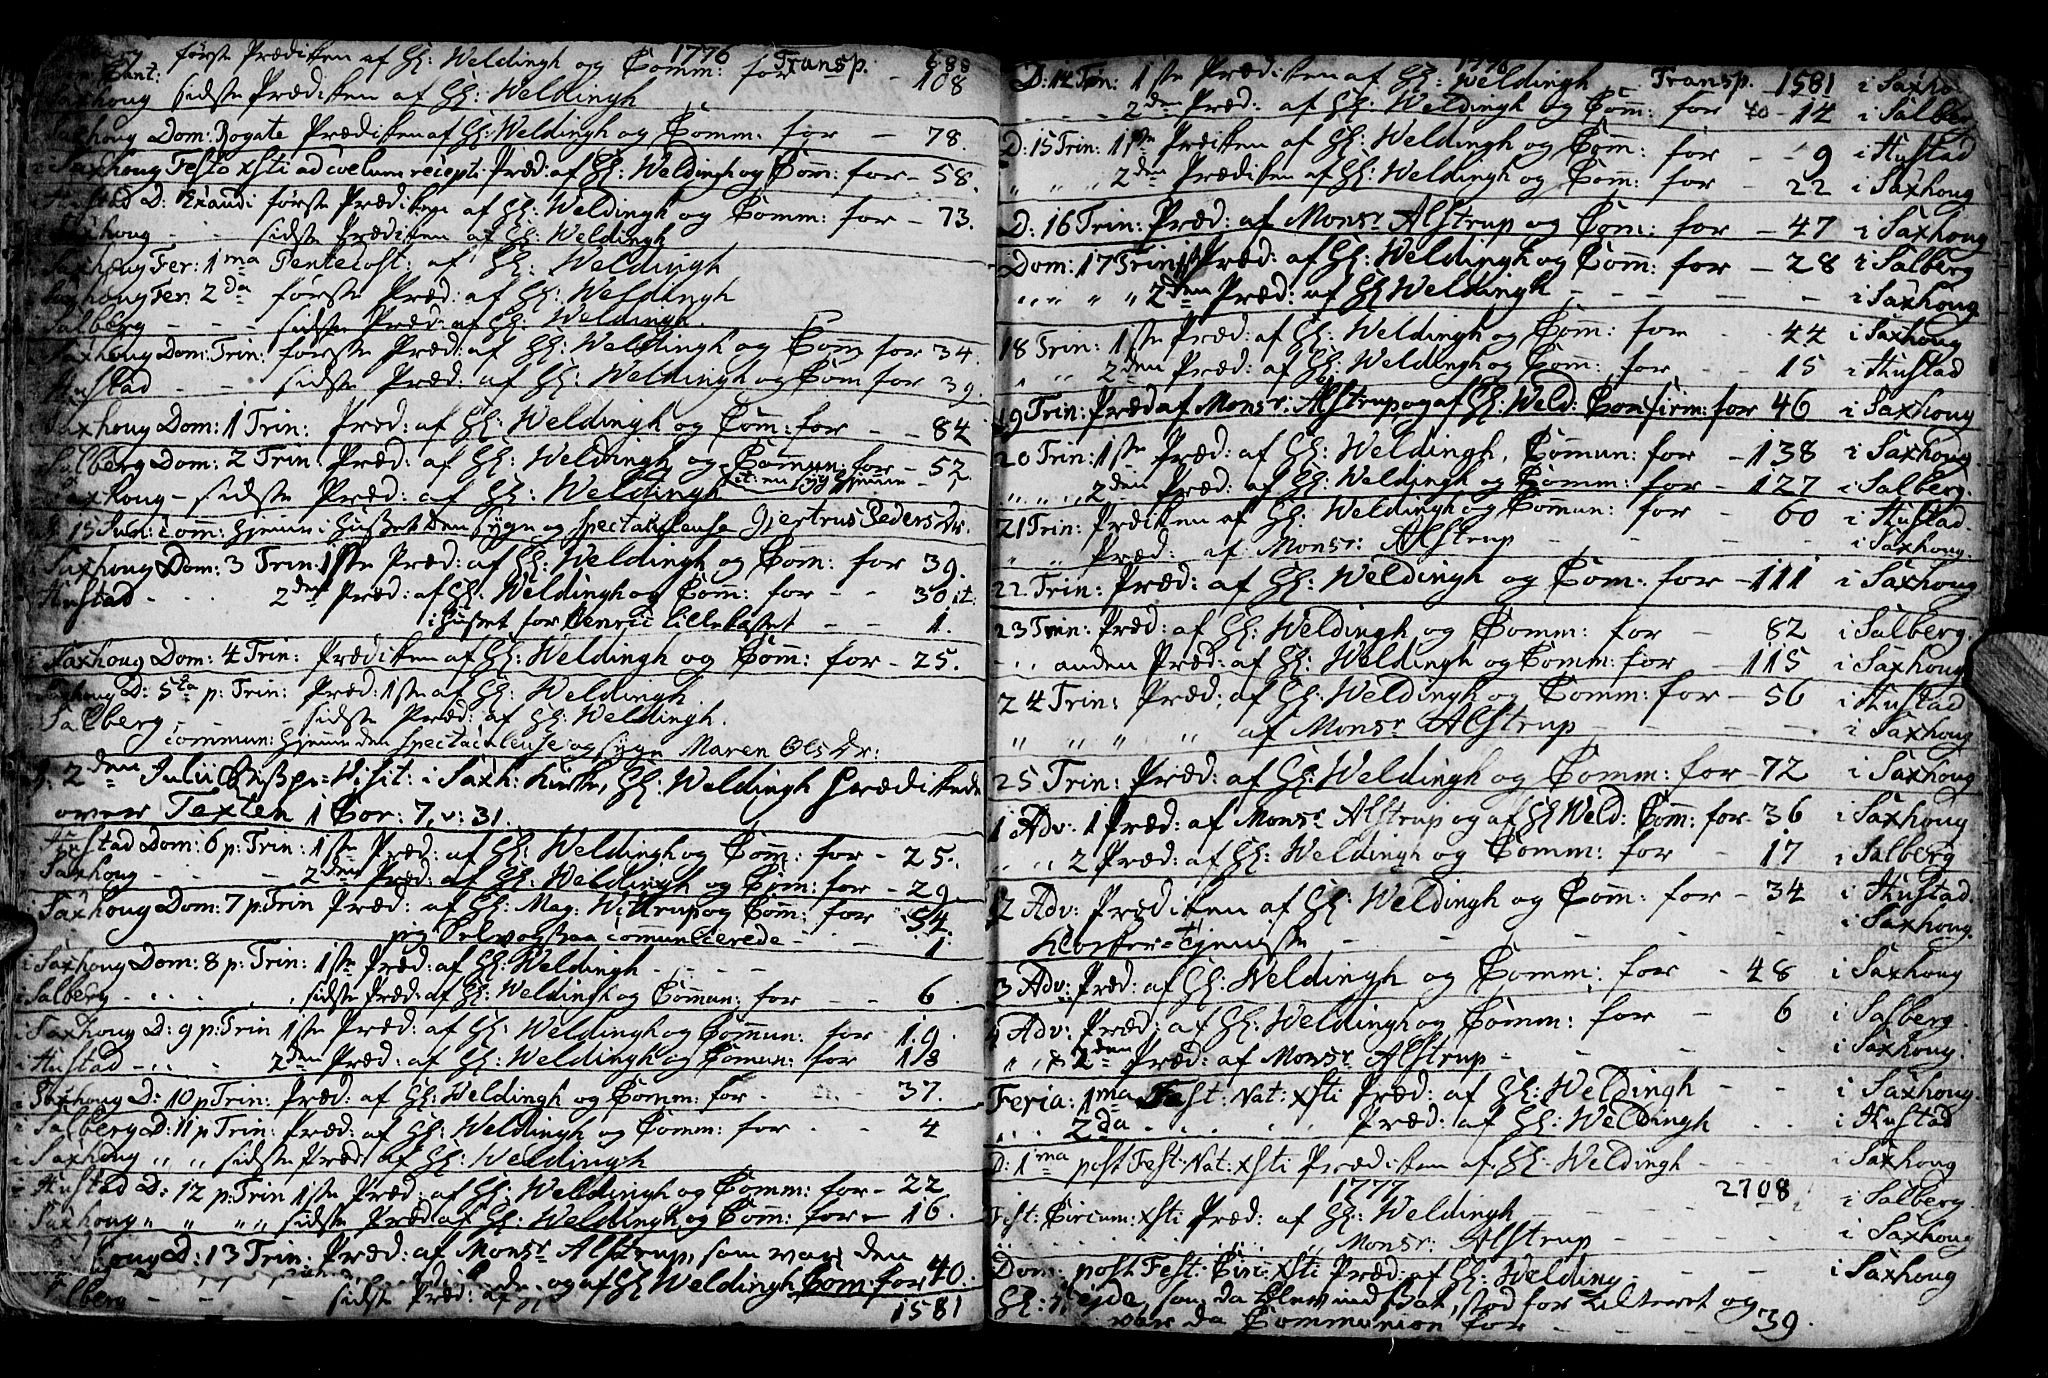 SAT, Ministerialprotokoller, klokkerbøker og fødselsregistre - Nord-Trøndelag, 730/L0273: Ministerialbok nr. 730A02, 1762-1802, s. 40